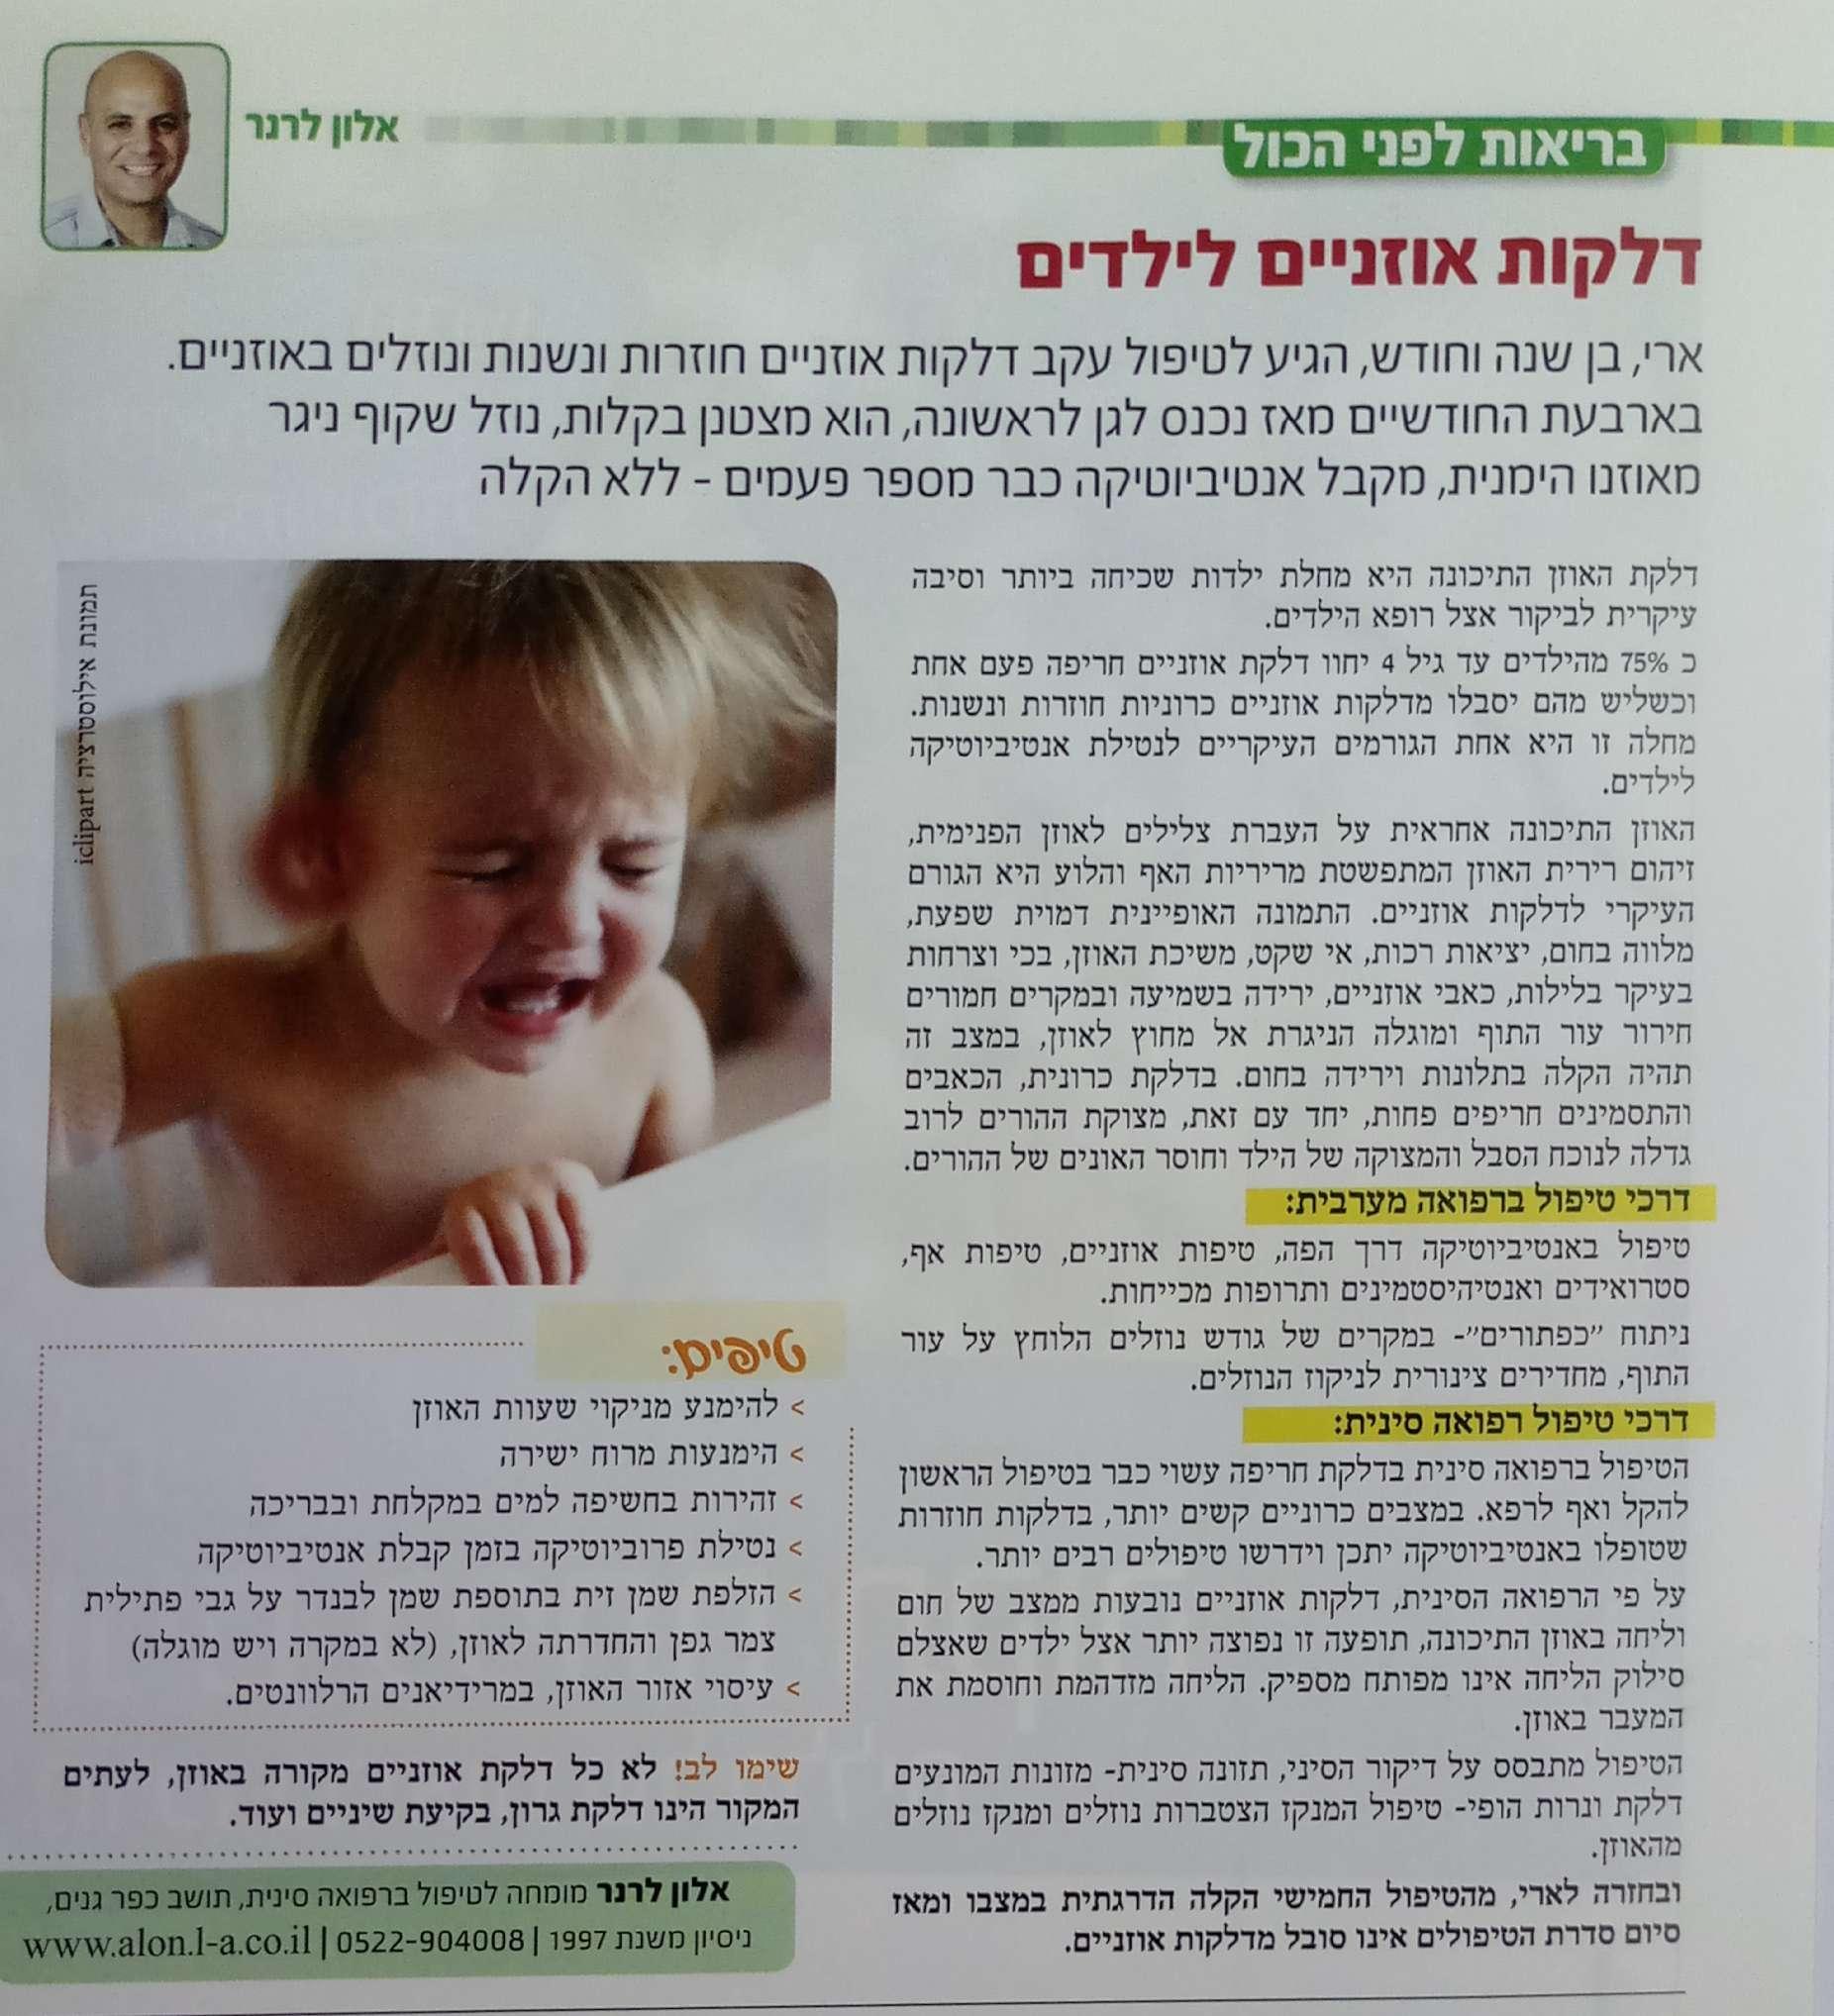 דלקת אוזניים לילדים